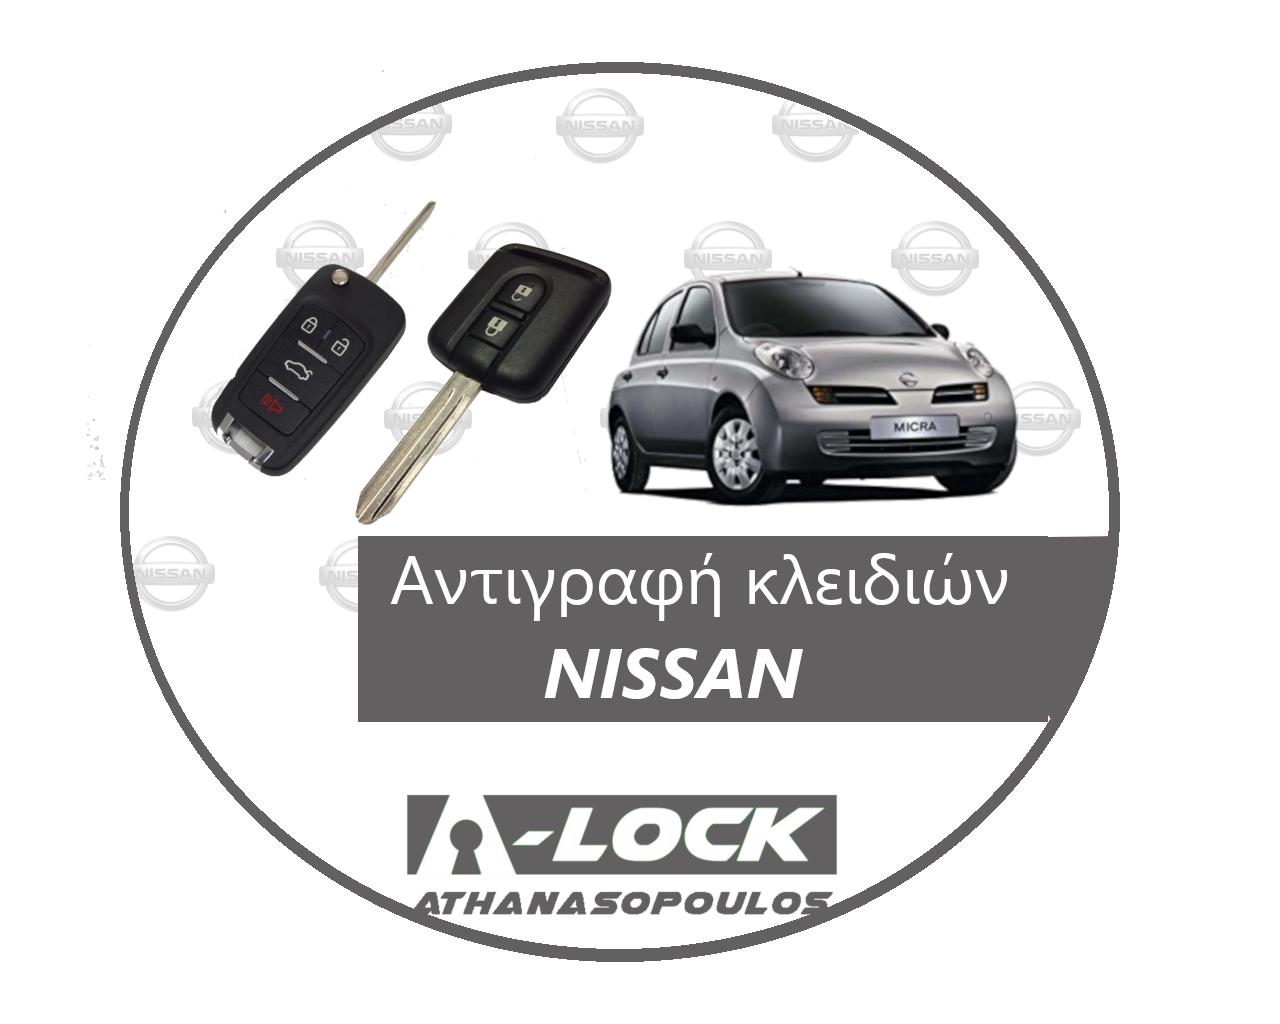 Αντιγραφές Κλειδιών Immobilizer Αυτοκινήτου NISSAN - 24 Ωρες Κλειδαράς Γαλάτσι A-Lock Αθανασόπουλος